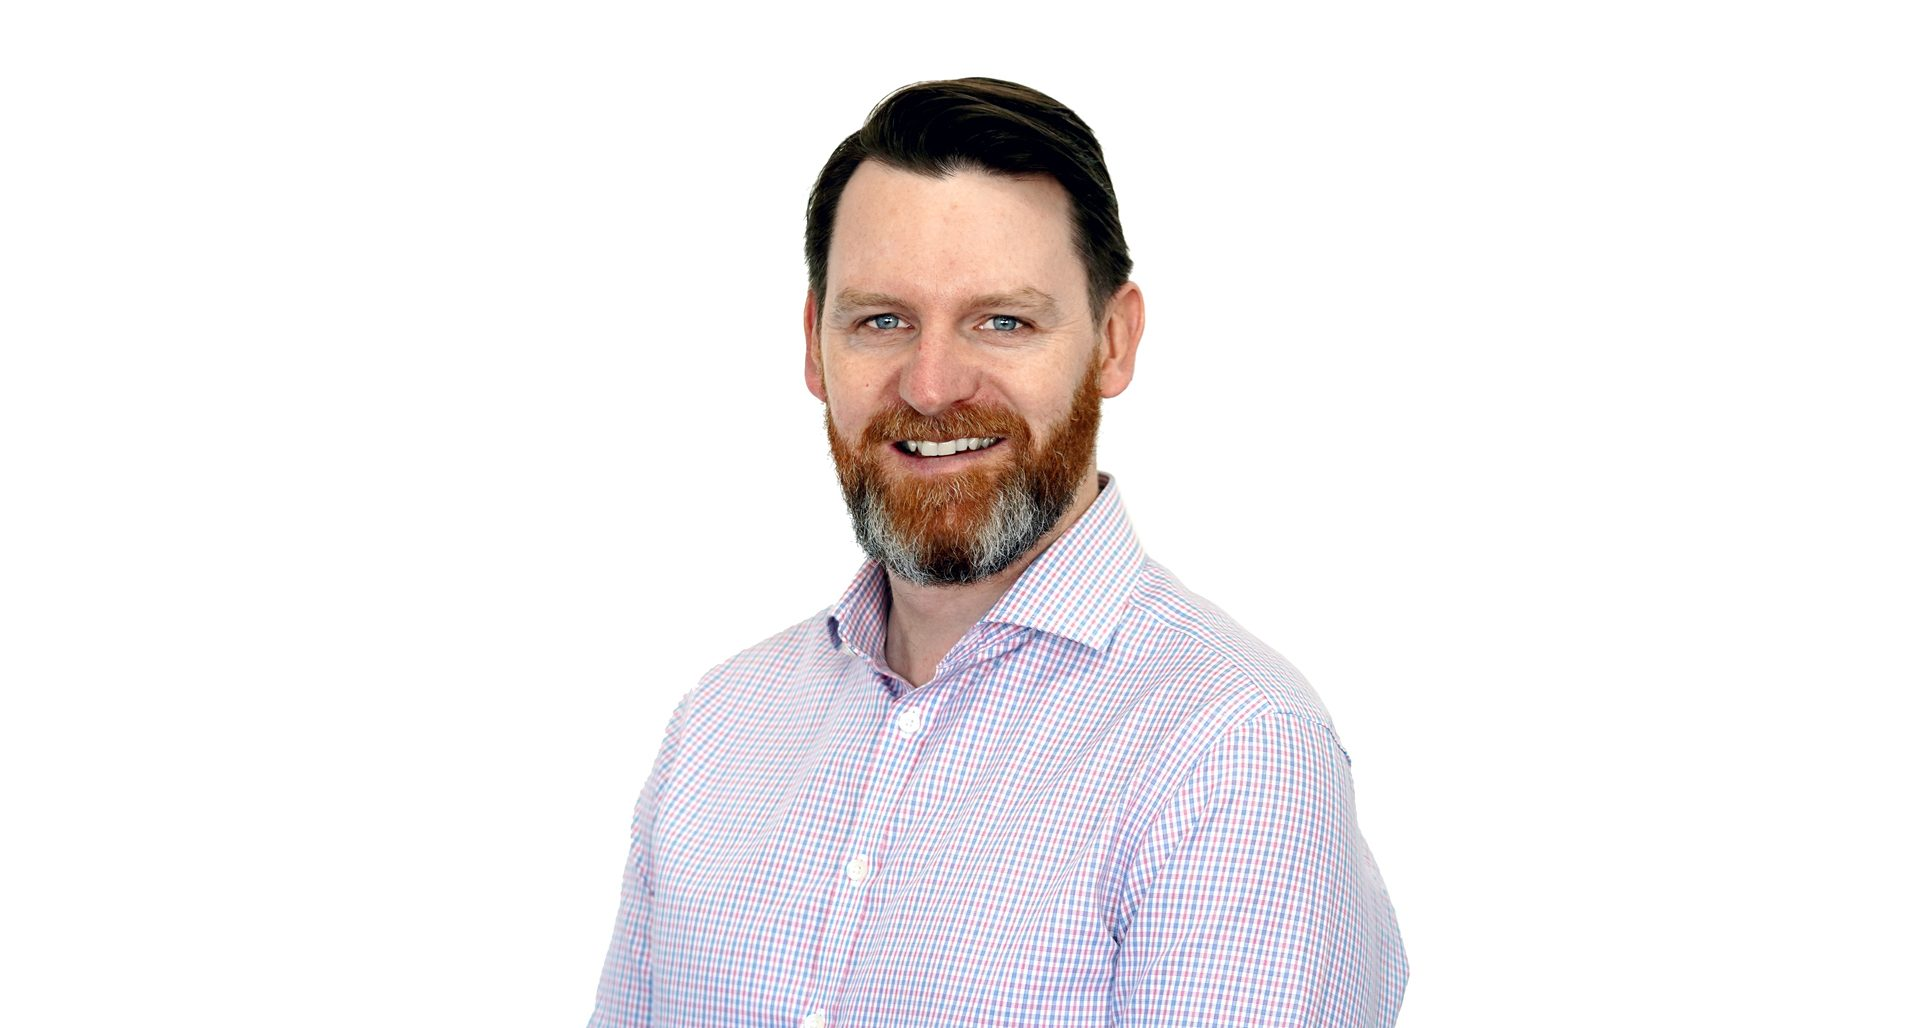 Michael Noonan